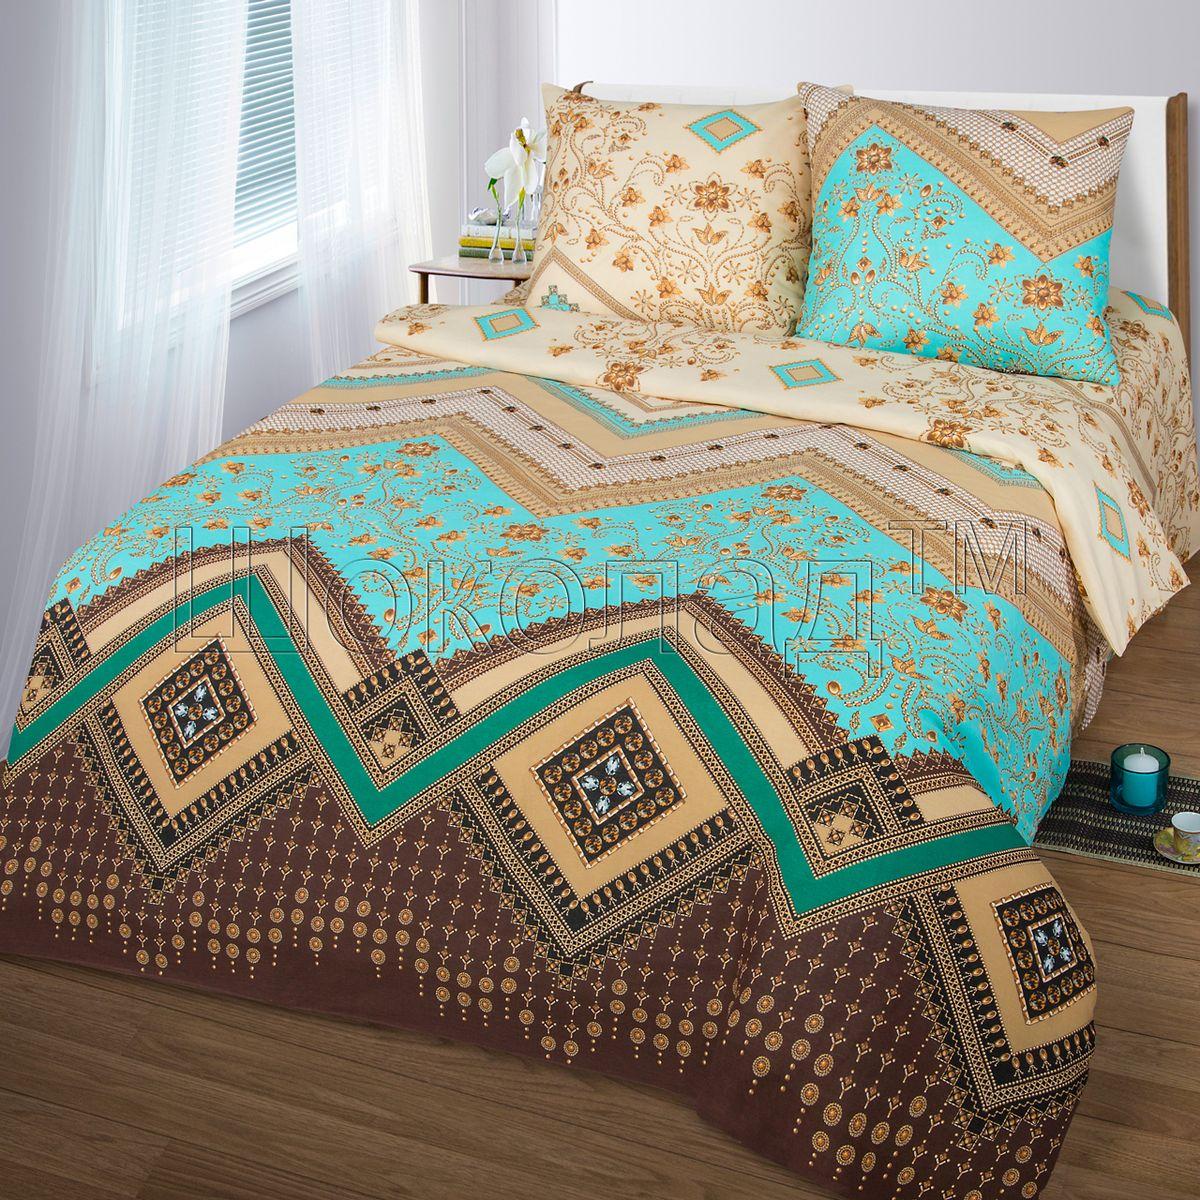 Комплект белья Шоколад Ривьера, 1,5-спальный, наволочки 70x70. Б100Б120Комплект постельного белья Шоколад Ривьера является экологически безопасным для всей семьи, так как выполнен из натурального хлопка. Комплект состоит из пододеяльника, простыни и двух наволочек. Постельное белье оформлено оригинальным рисунком и имеет изысканный внешний вид.Бязь - это ткань полотняного переплетения, изготовленная из экологически чистого и натурального 100% хлопка. Она прочная, мягкая, обладает низкой сминаемостью, легко стирается и хорошо гладится. Бязь прекрасно пропускает воздух и за ней легко ухаживать. При соблюдении рекомендуемых условий стирки, сушки и глажения ткань имеет усадку по ГОСТу, сохранятся яркость текстильных рисунков. Приобретая комплект постельного белья Шоколад Ривьера вы можете быть уверены в том, что покупка доставит вам и вашим близким удовольствие и подарит максимальный комфорт.